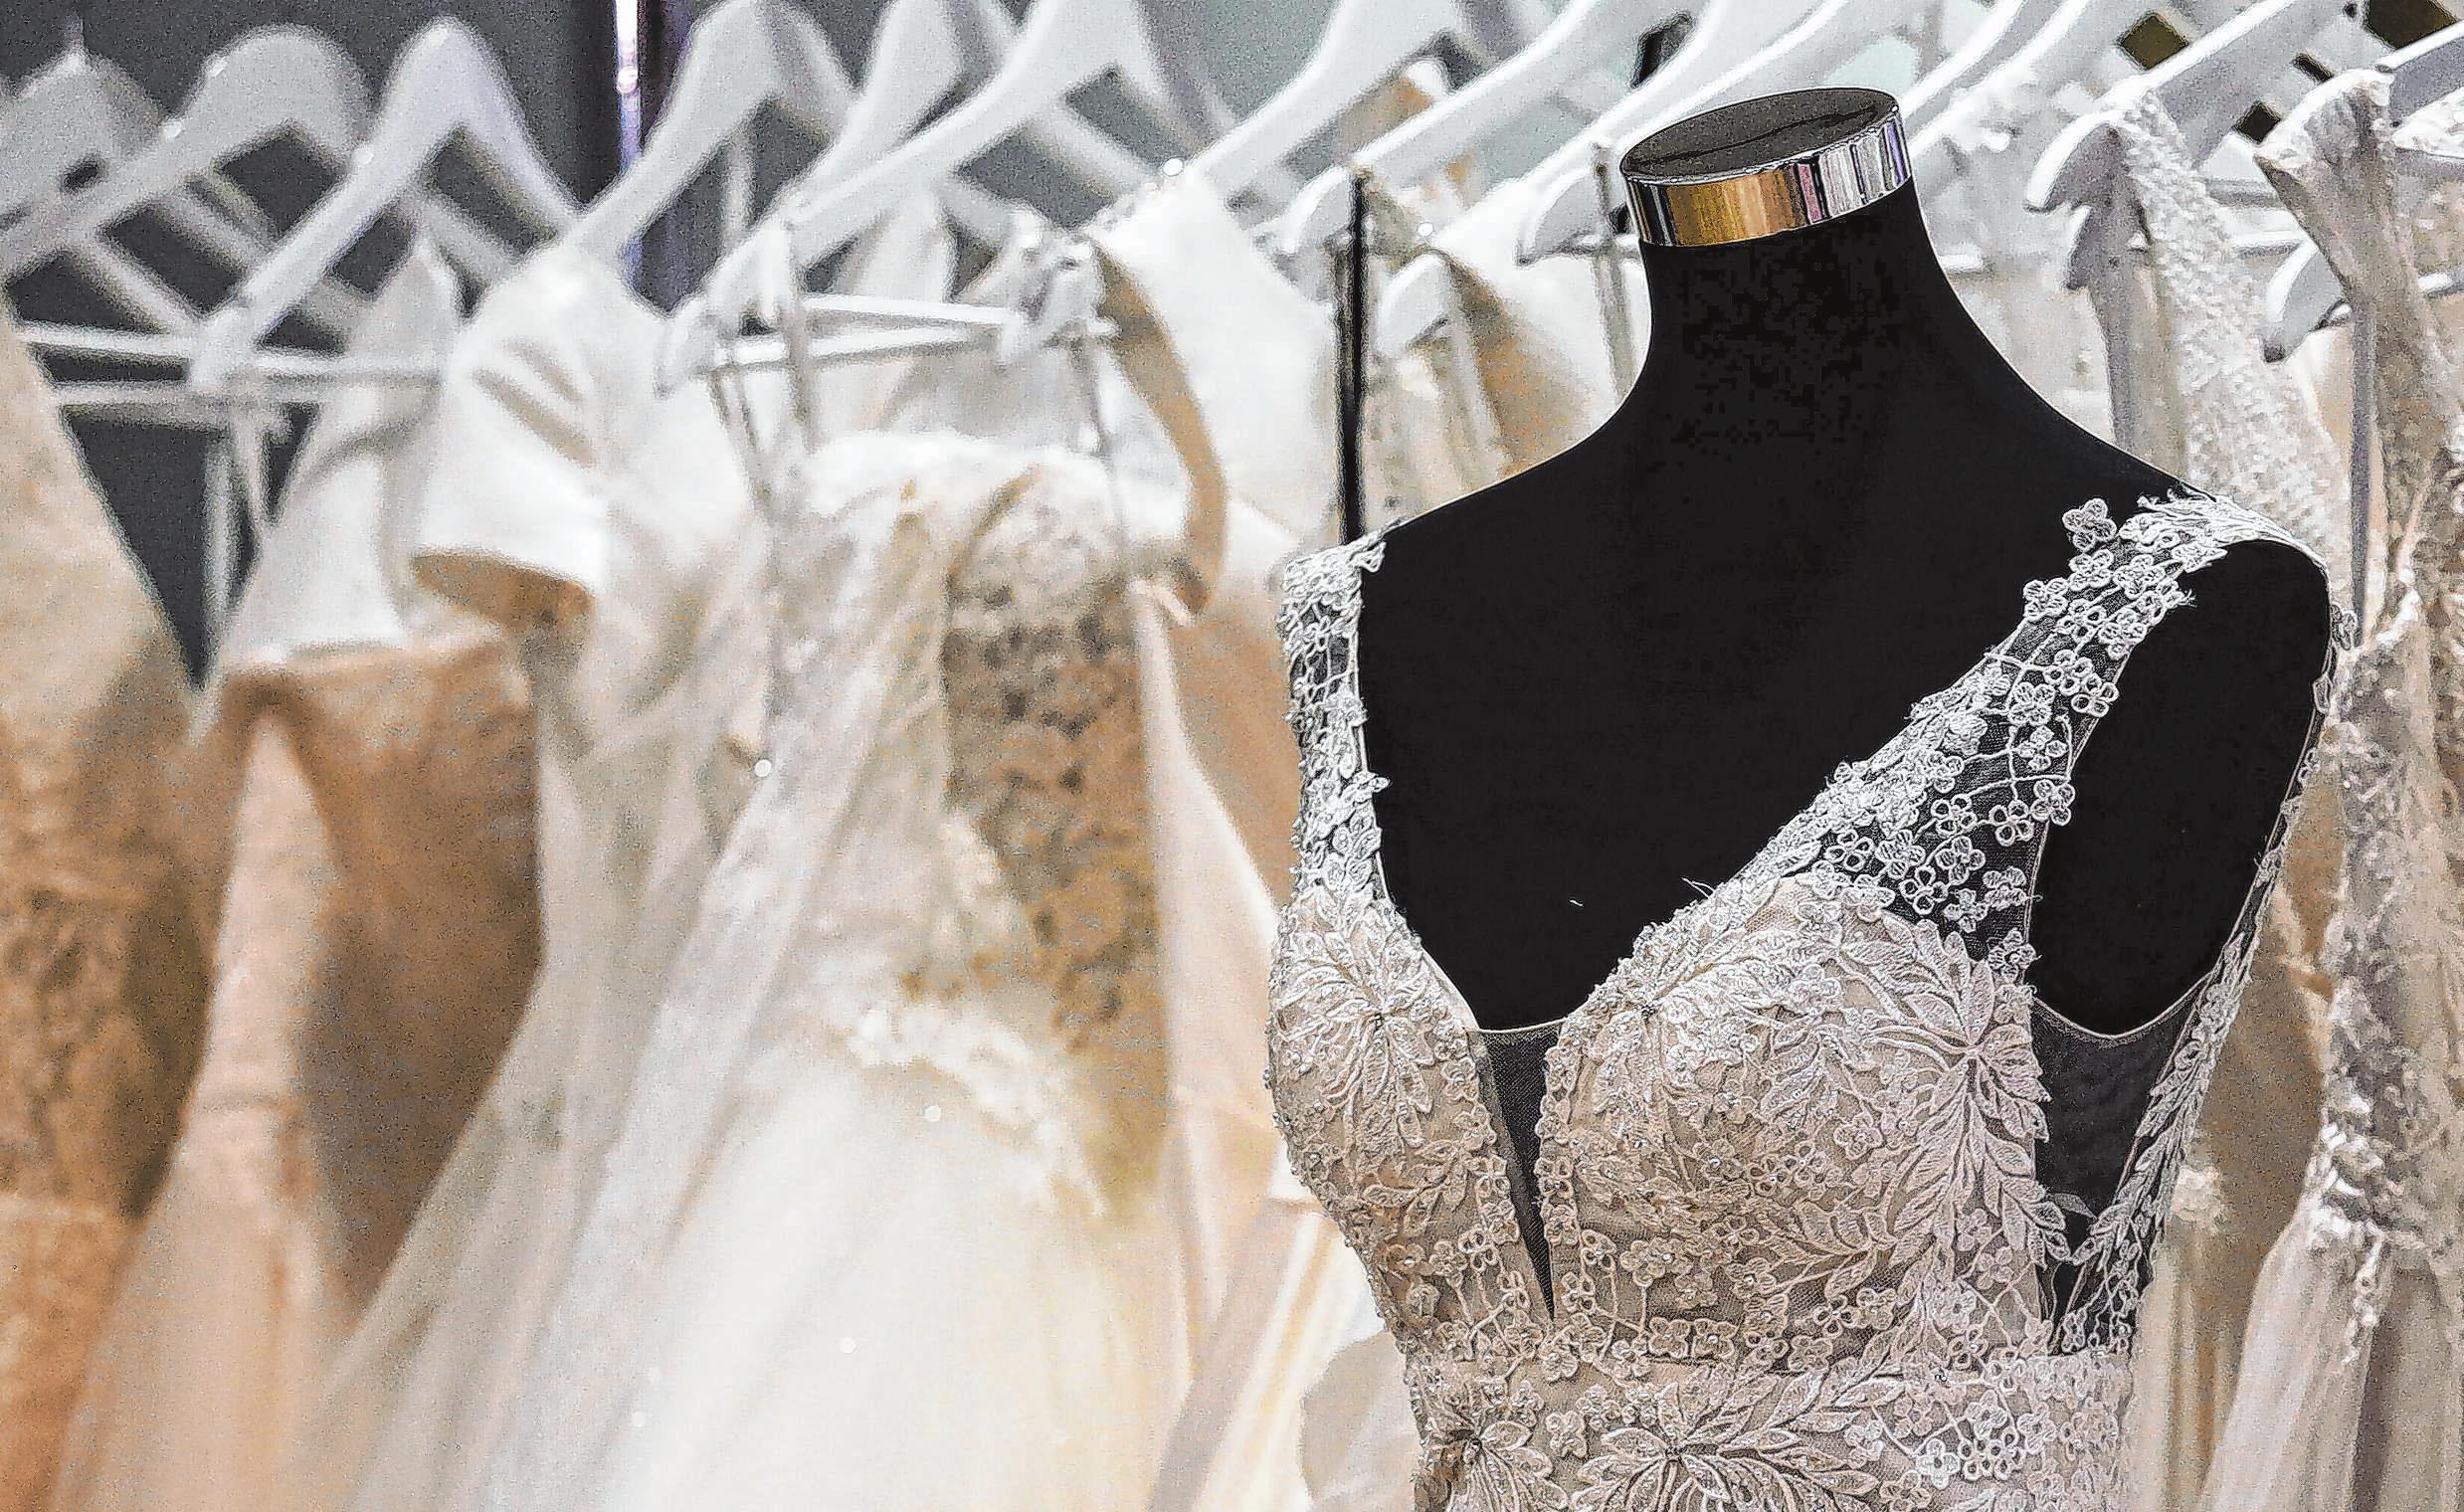 Neue Brautkleider stehen in jeder Saison zur Wahl. Aber auch die Modelle der vorigen Saison sind chic und können mit individuellen Veränderungen und Accessiores aufgepeppt werden. Foto: Archiv